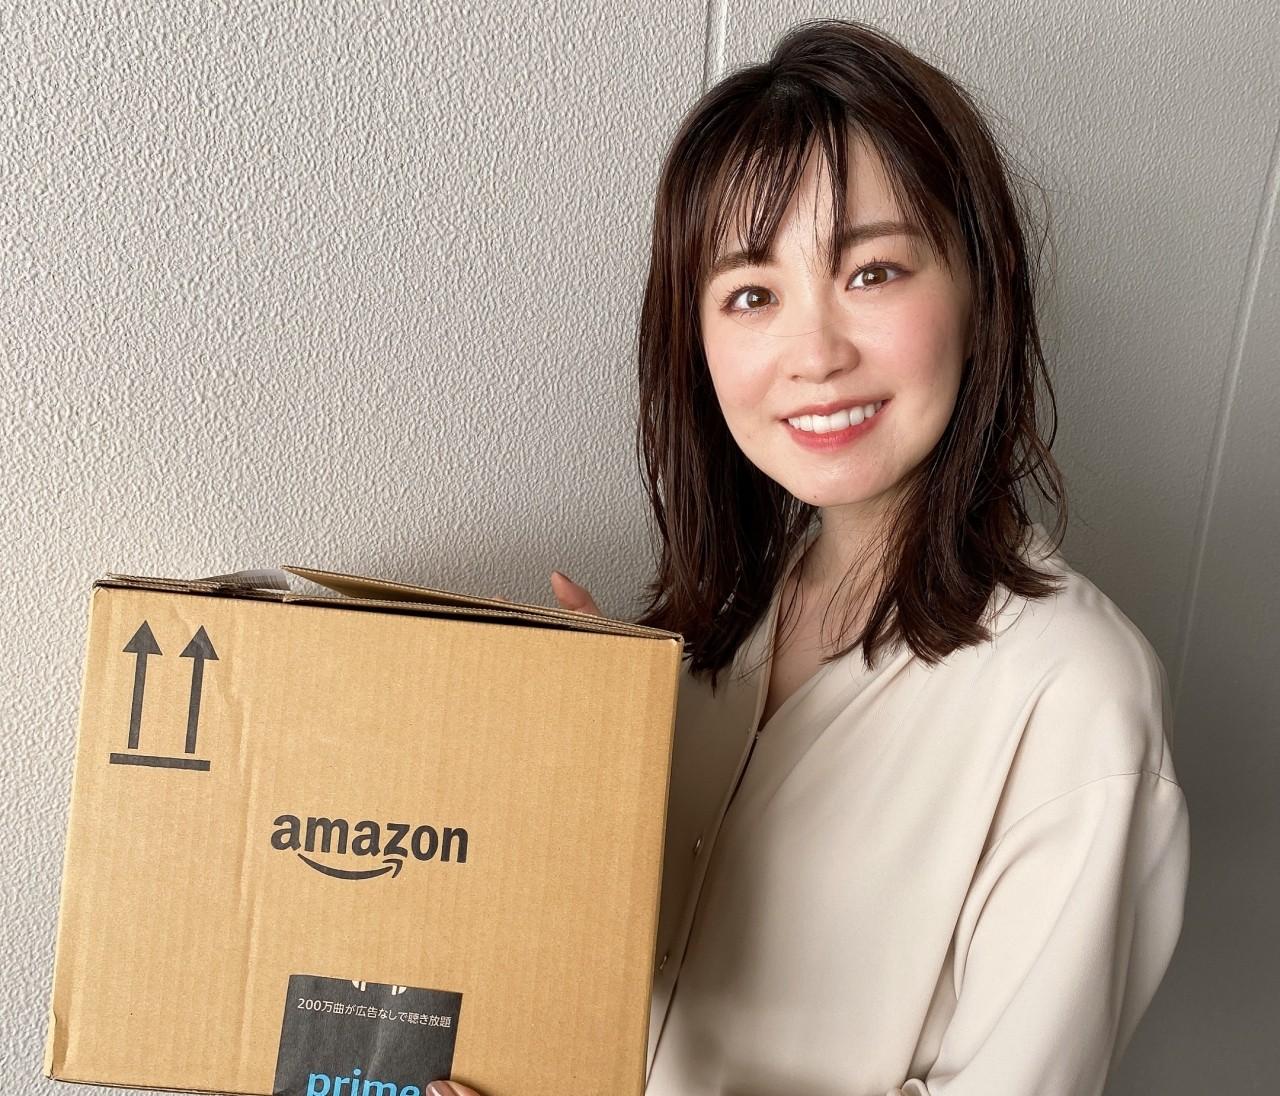 Amazonで3630円のワンピ、買ってみました!購入品レビュー!